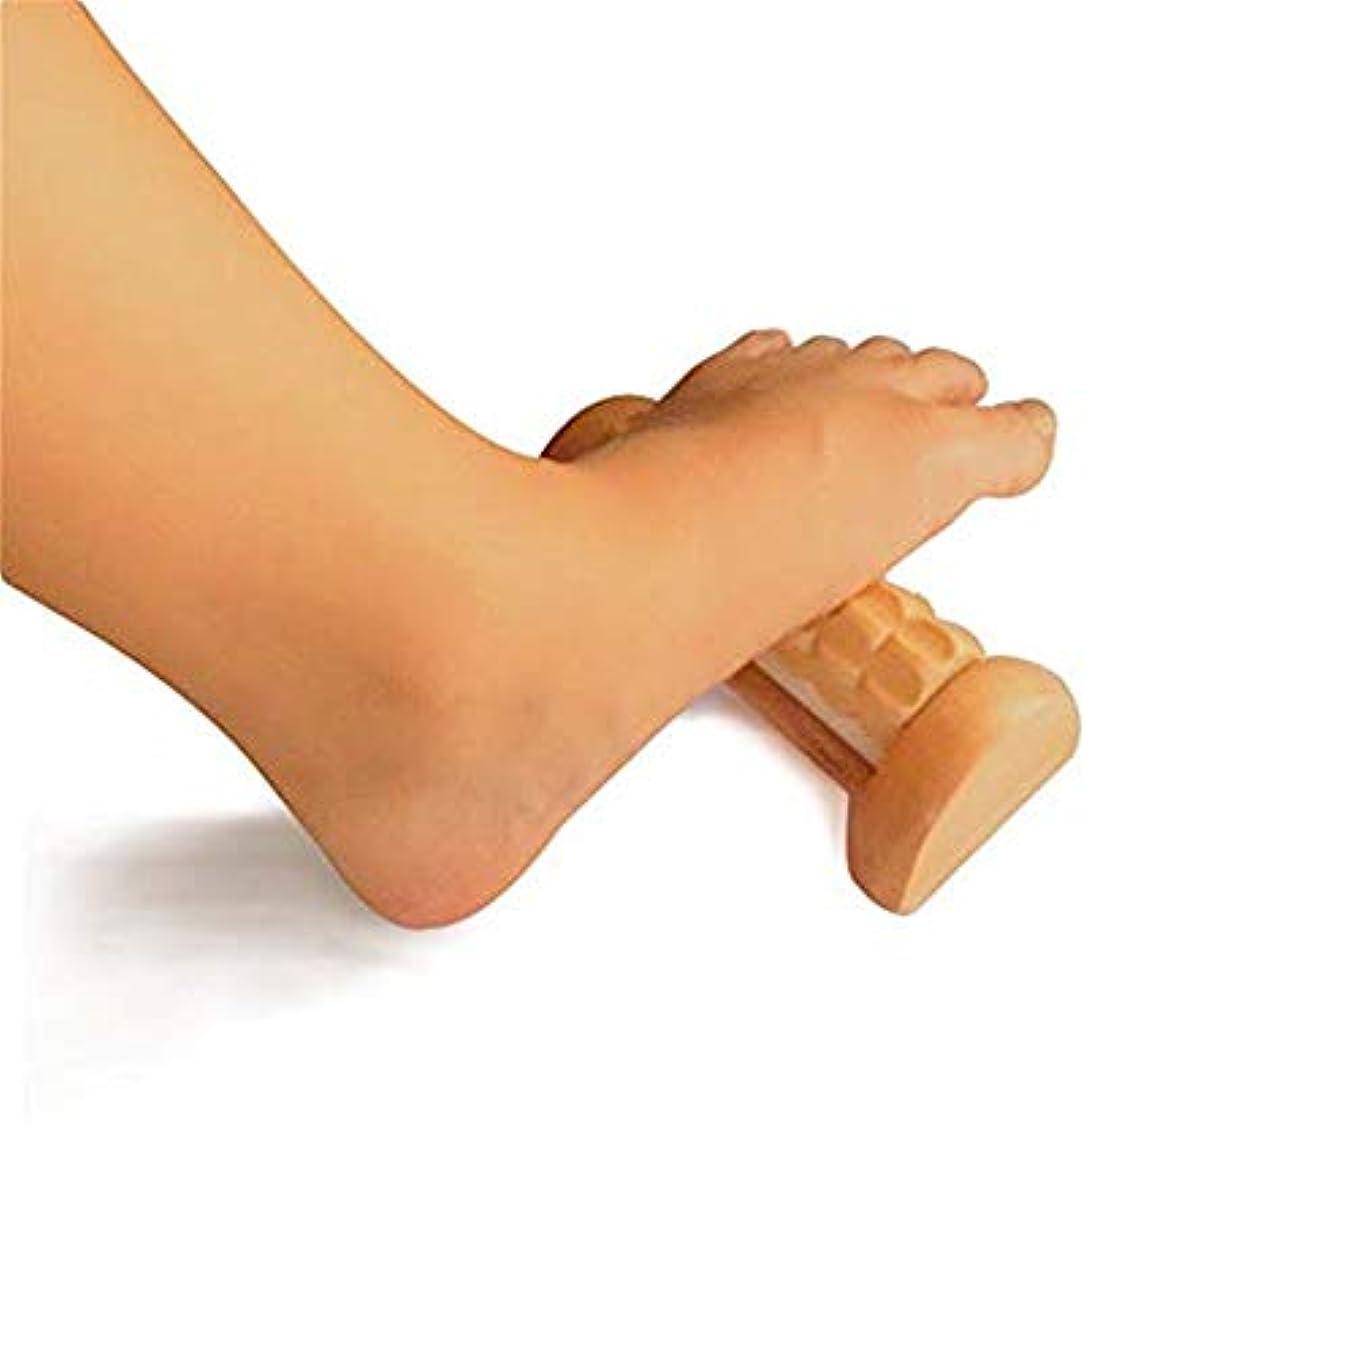 和解する苦い墓Foot Massager Roller - 足のARCHの痛み、足底筋膜炎、痛みのセルフマッサージと痛みを和らげます - 筋膜の弛緩、リラックスした緊張/タイトな筋膜およびアーチを刺激します